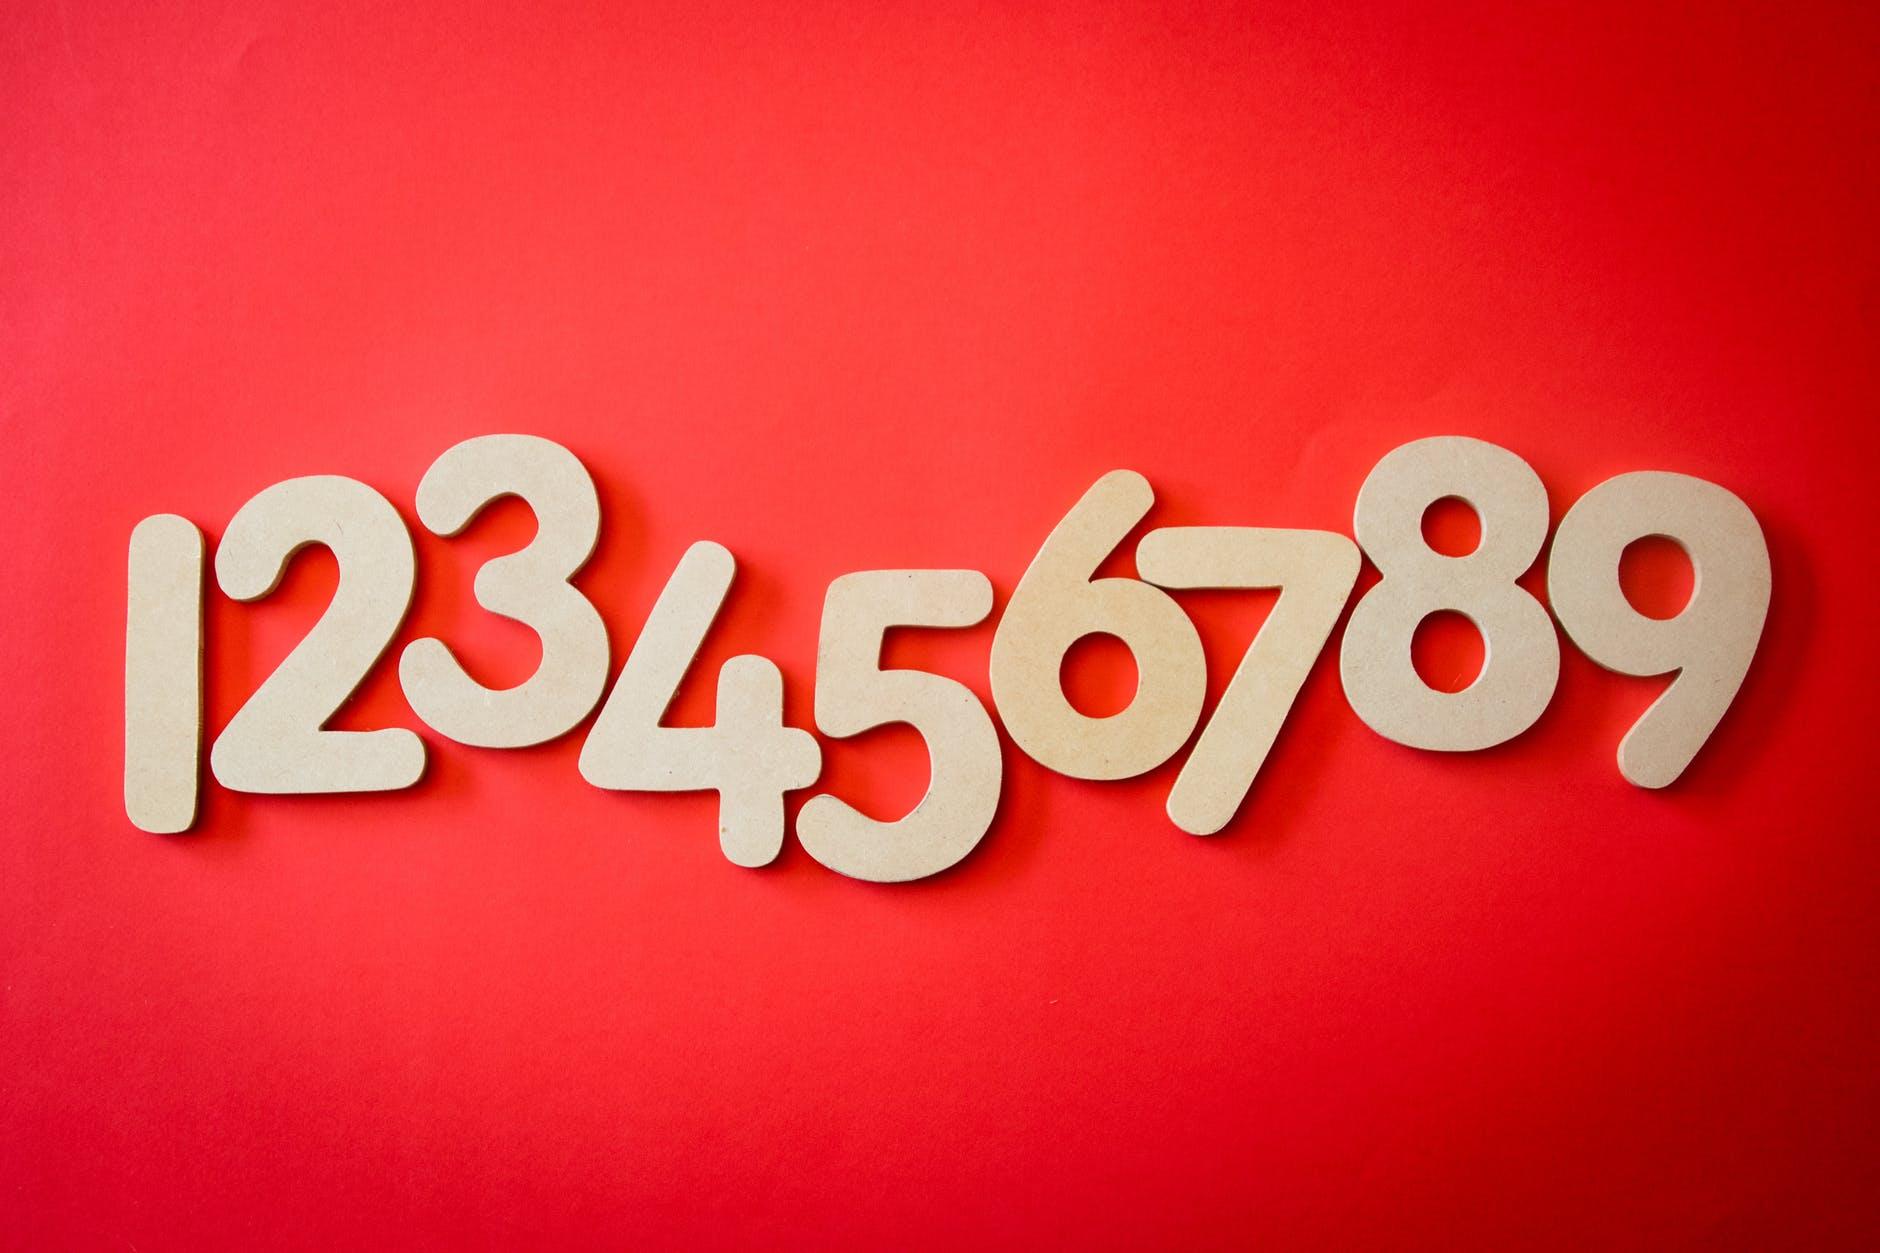 Aveți această cifră de destin? Sunteți favorizați în aceste LUNI ale anului: Să PROFITE! Sunt pe val